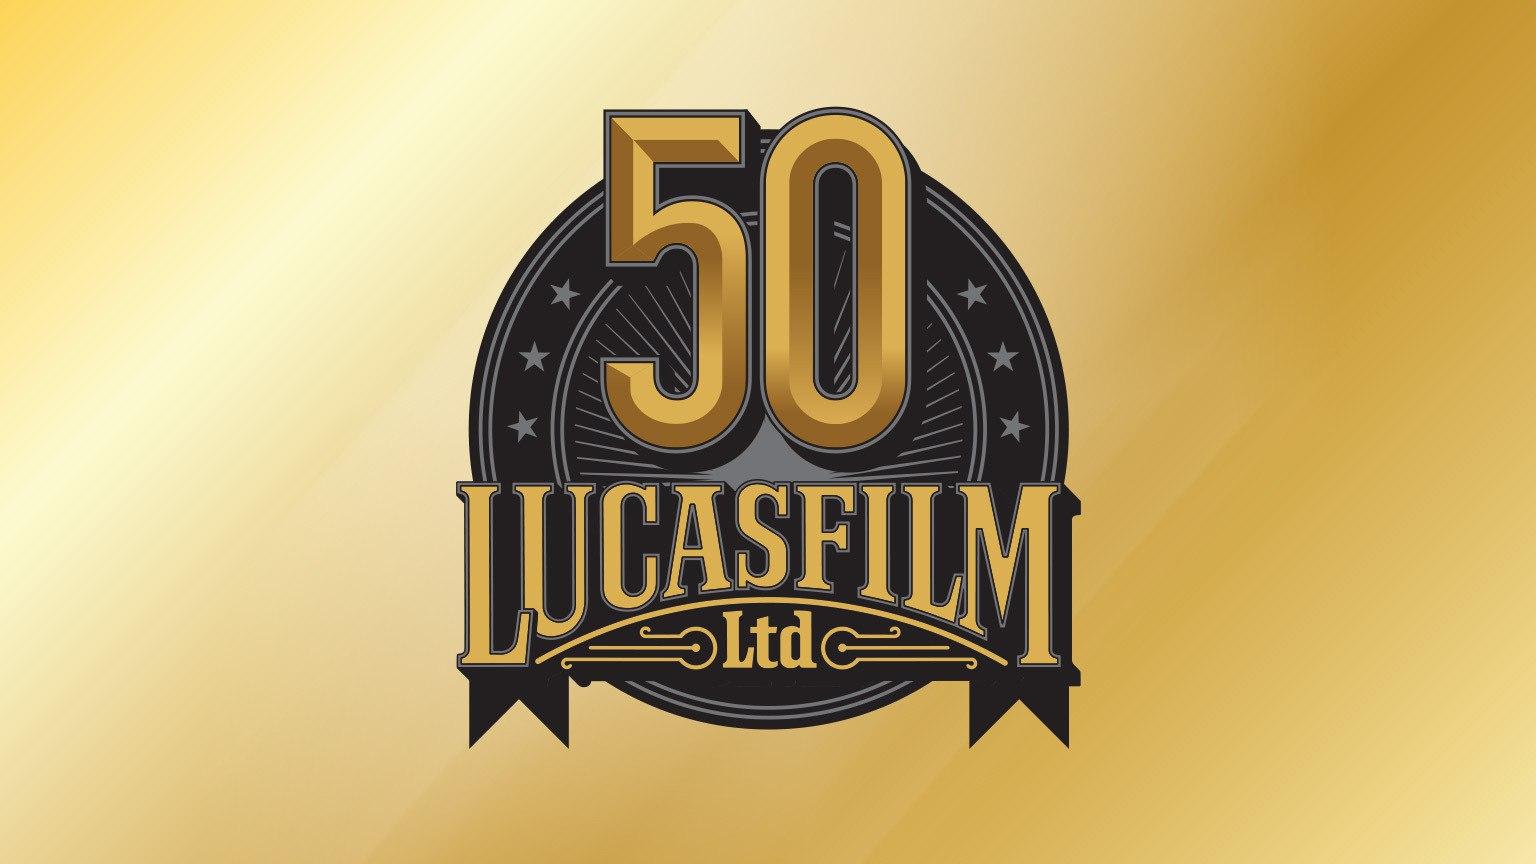 Lucasfilm celebrerà il 50th anniversario